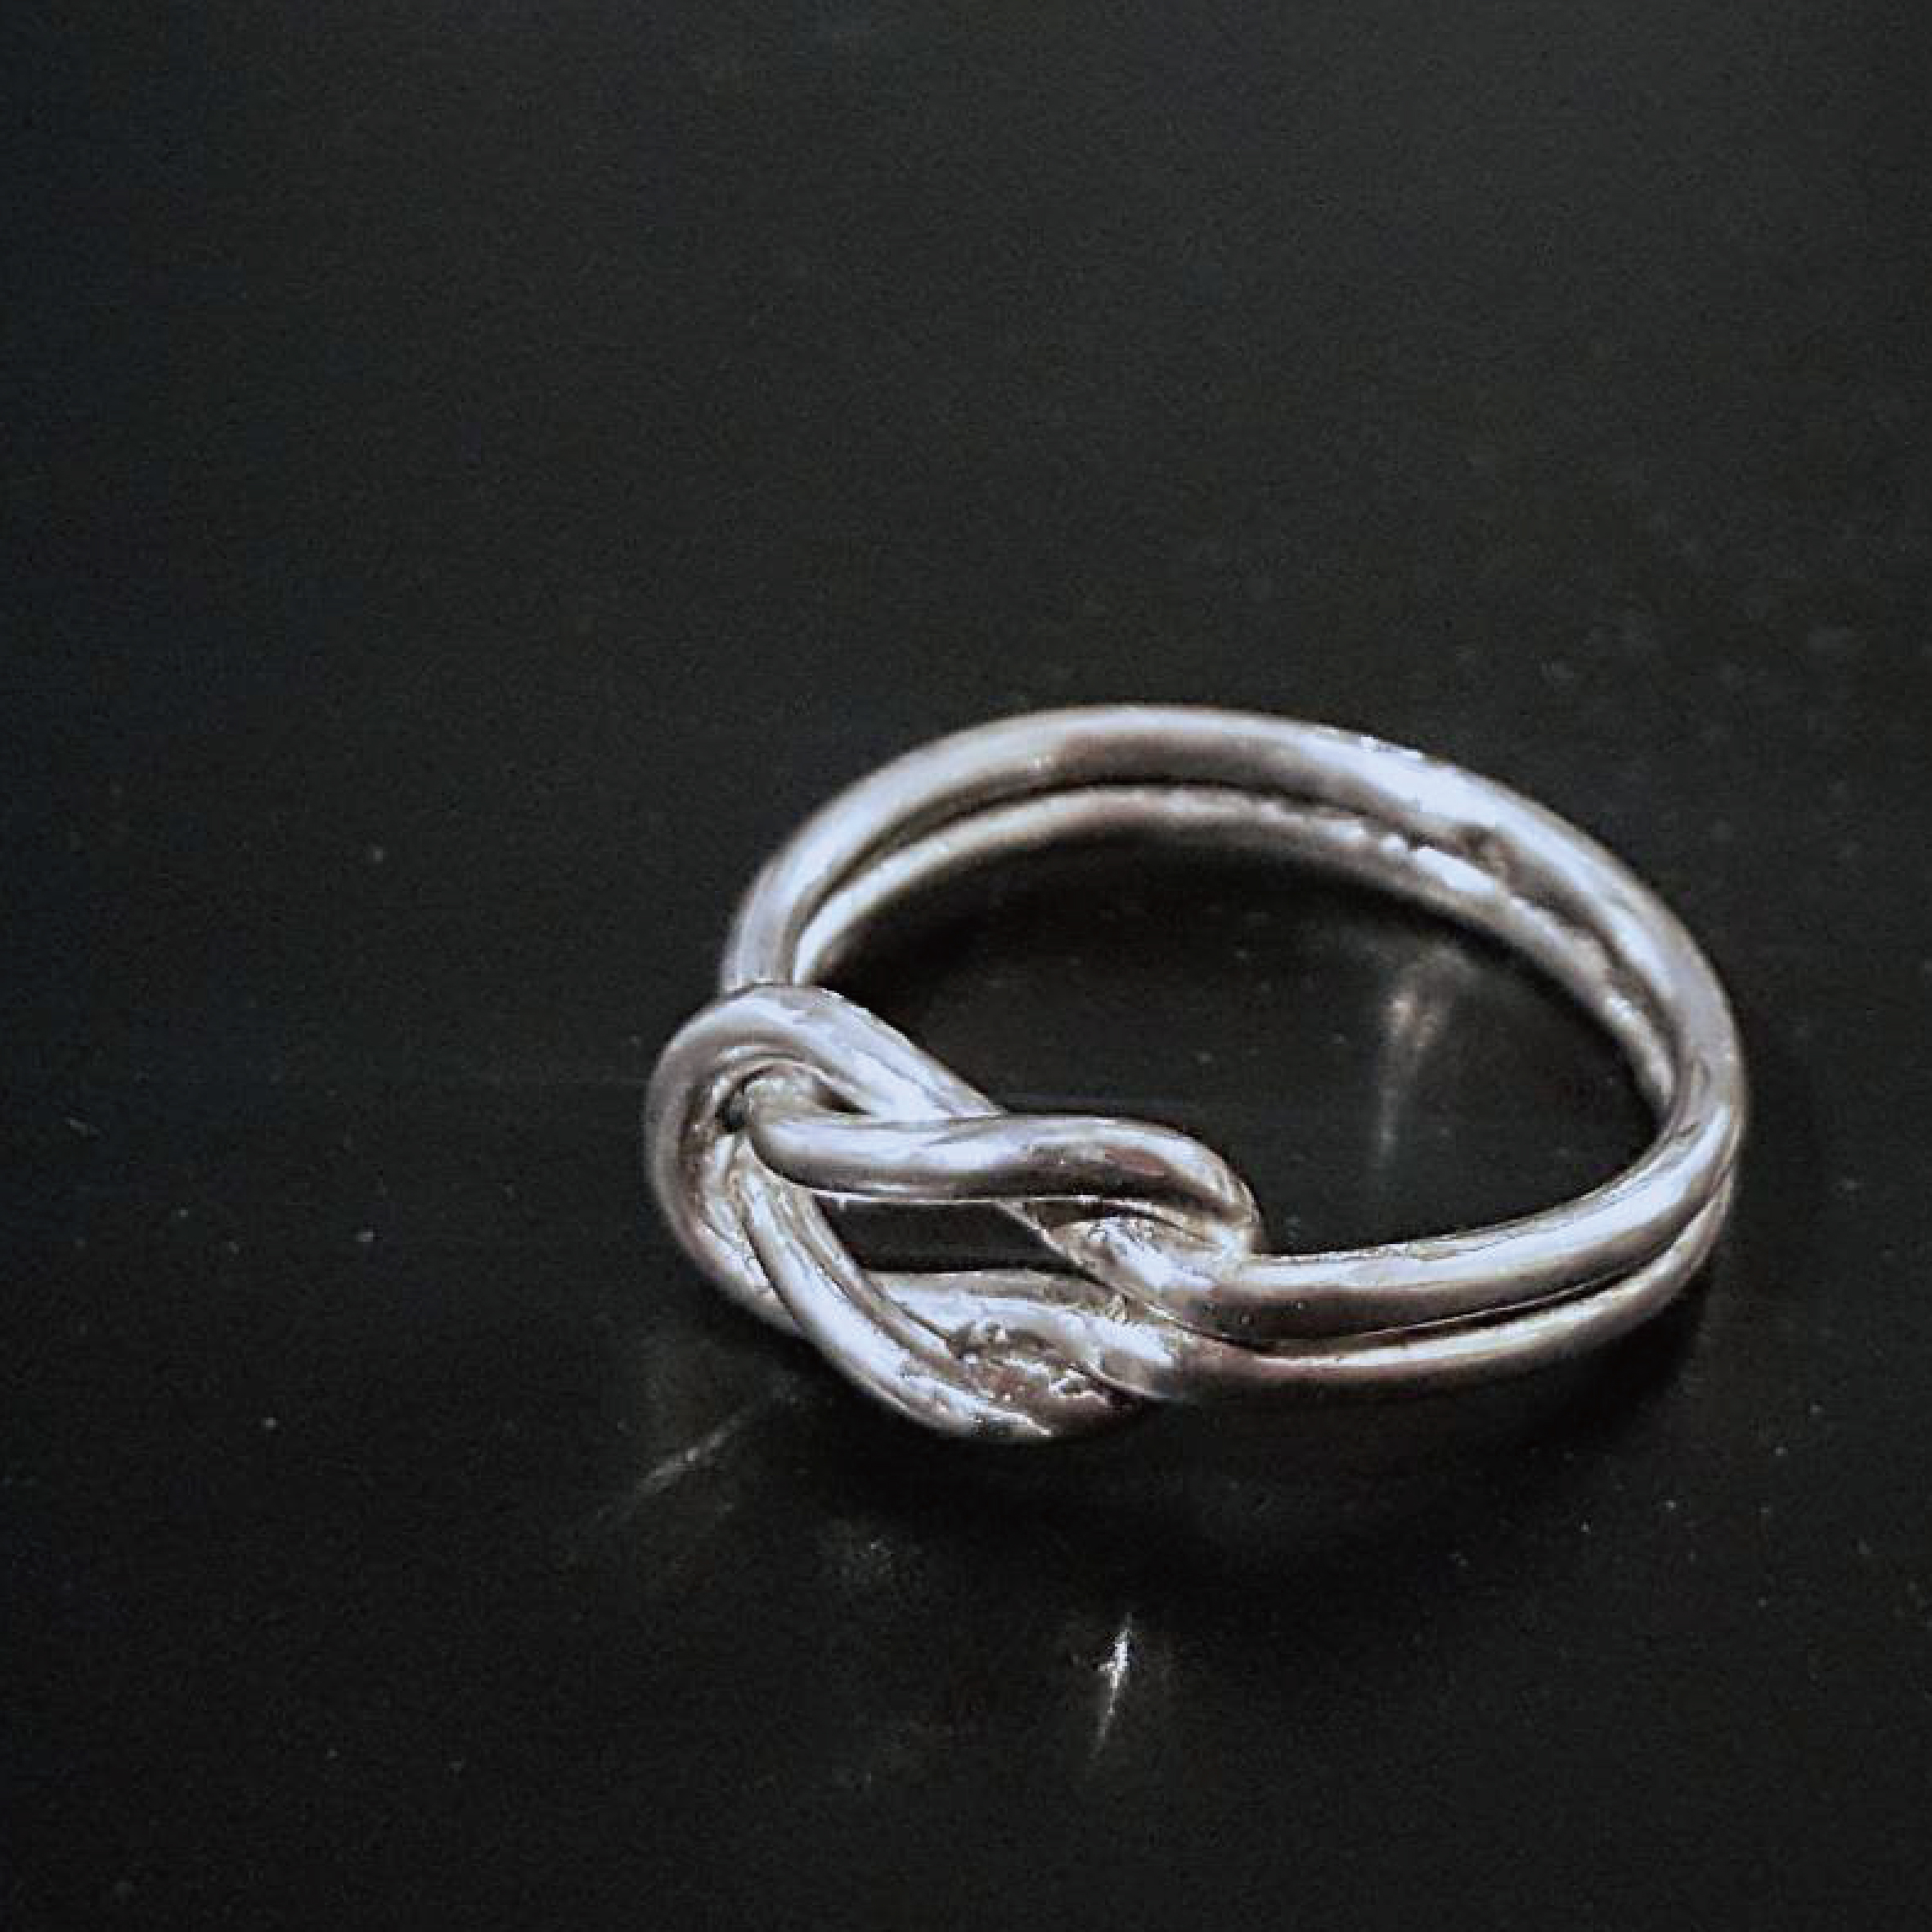 無限H 925純銀 戒指 手作 金工  客製化 對戒